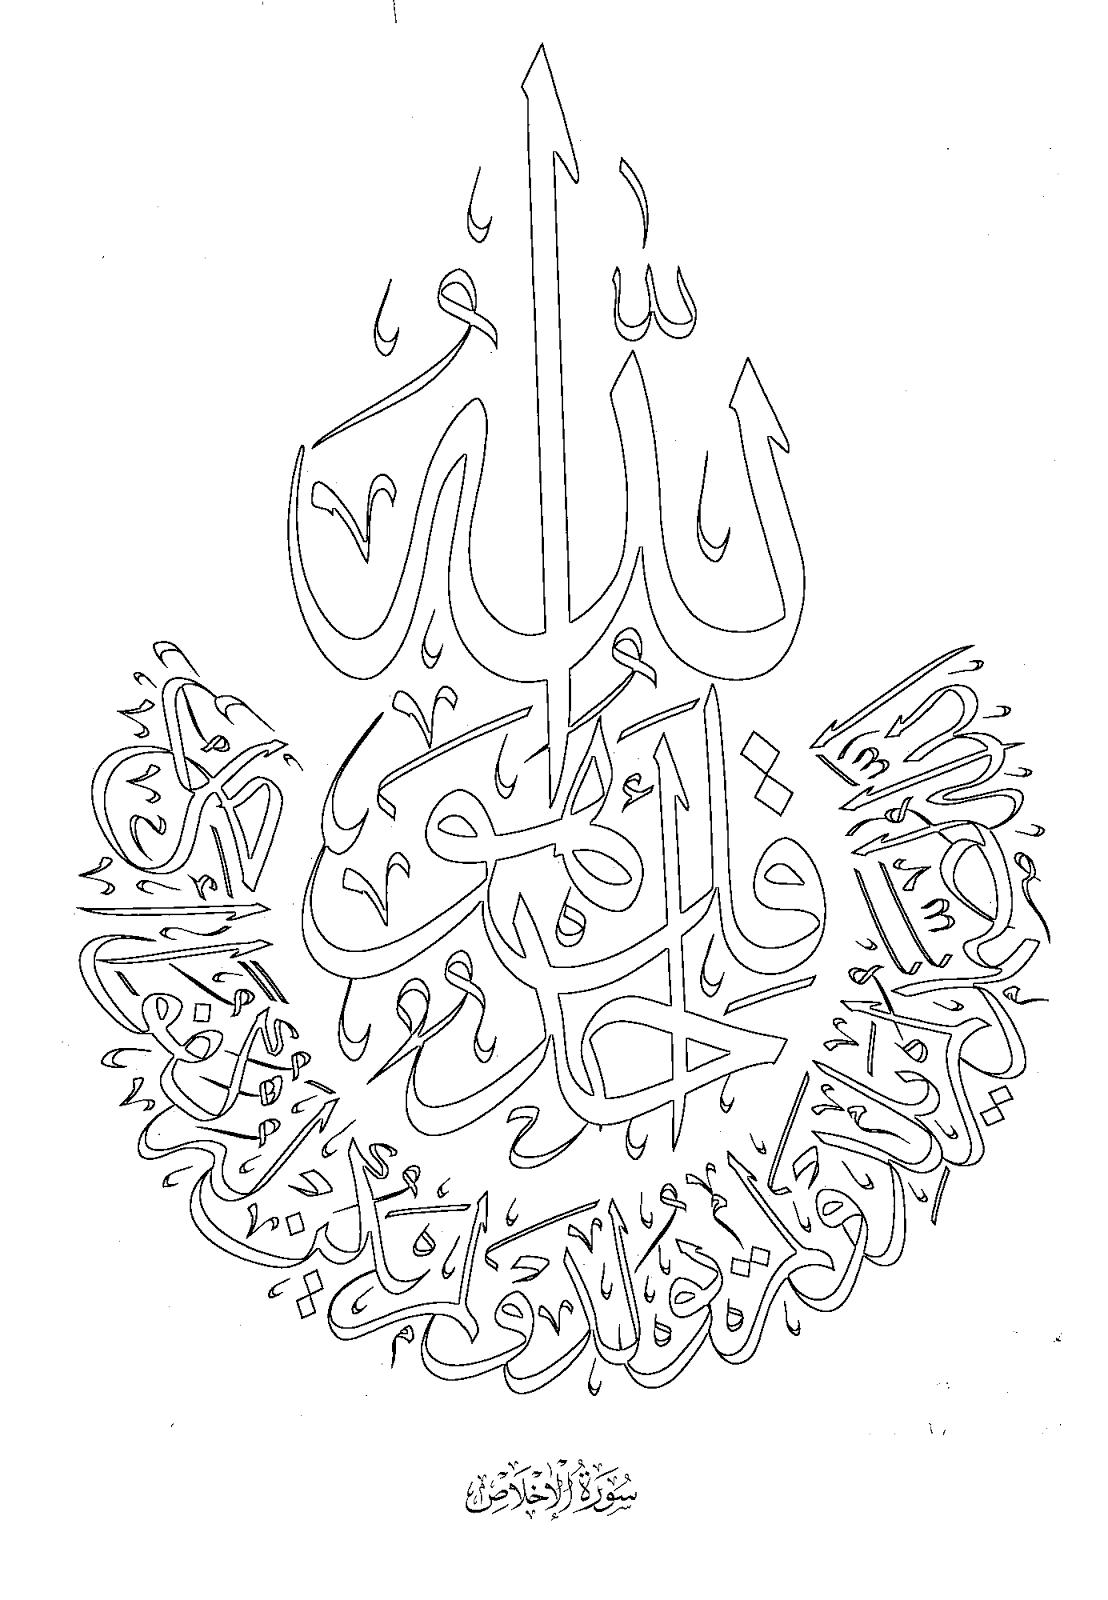 75 Gambar Mewarnai Kaligrafi Syahadat Terbaru